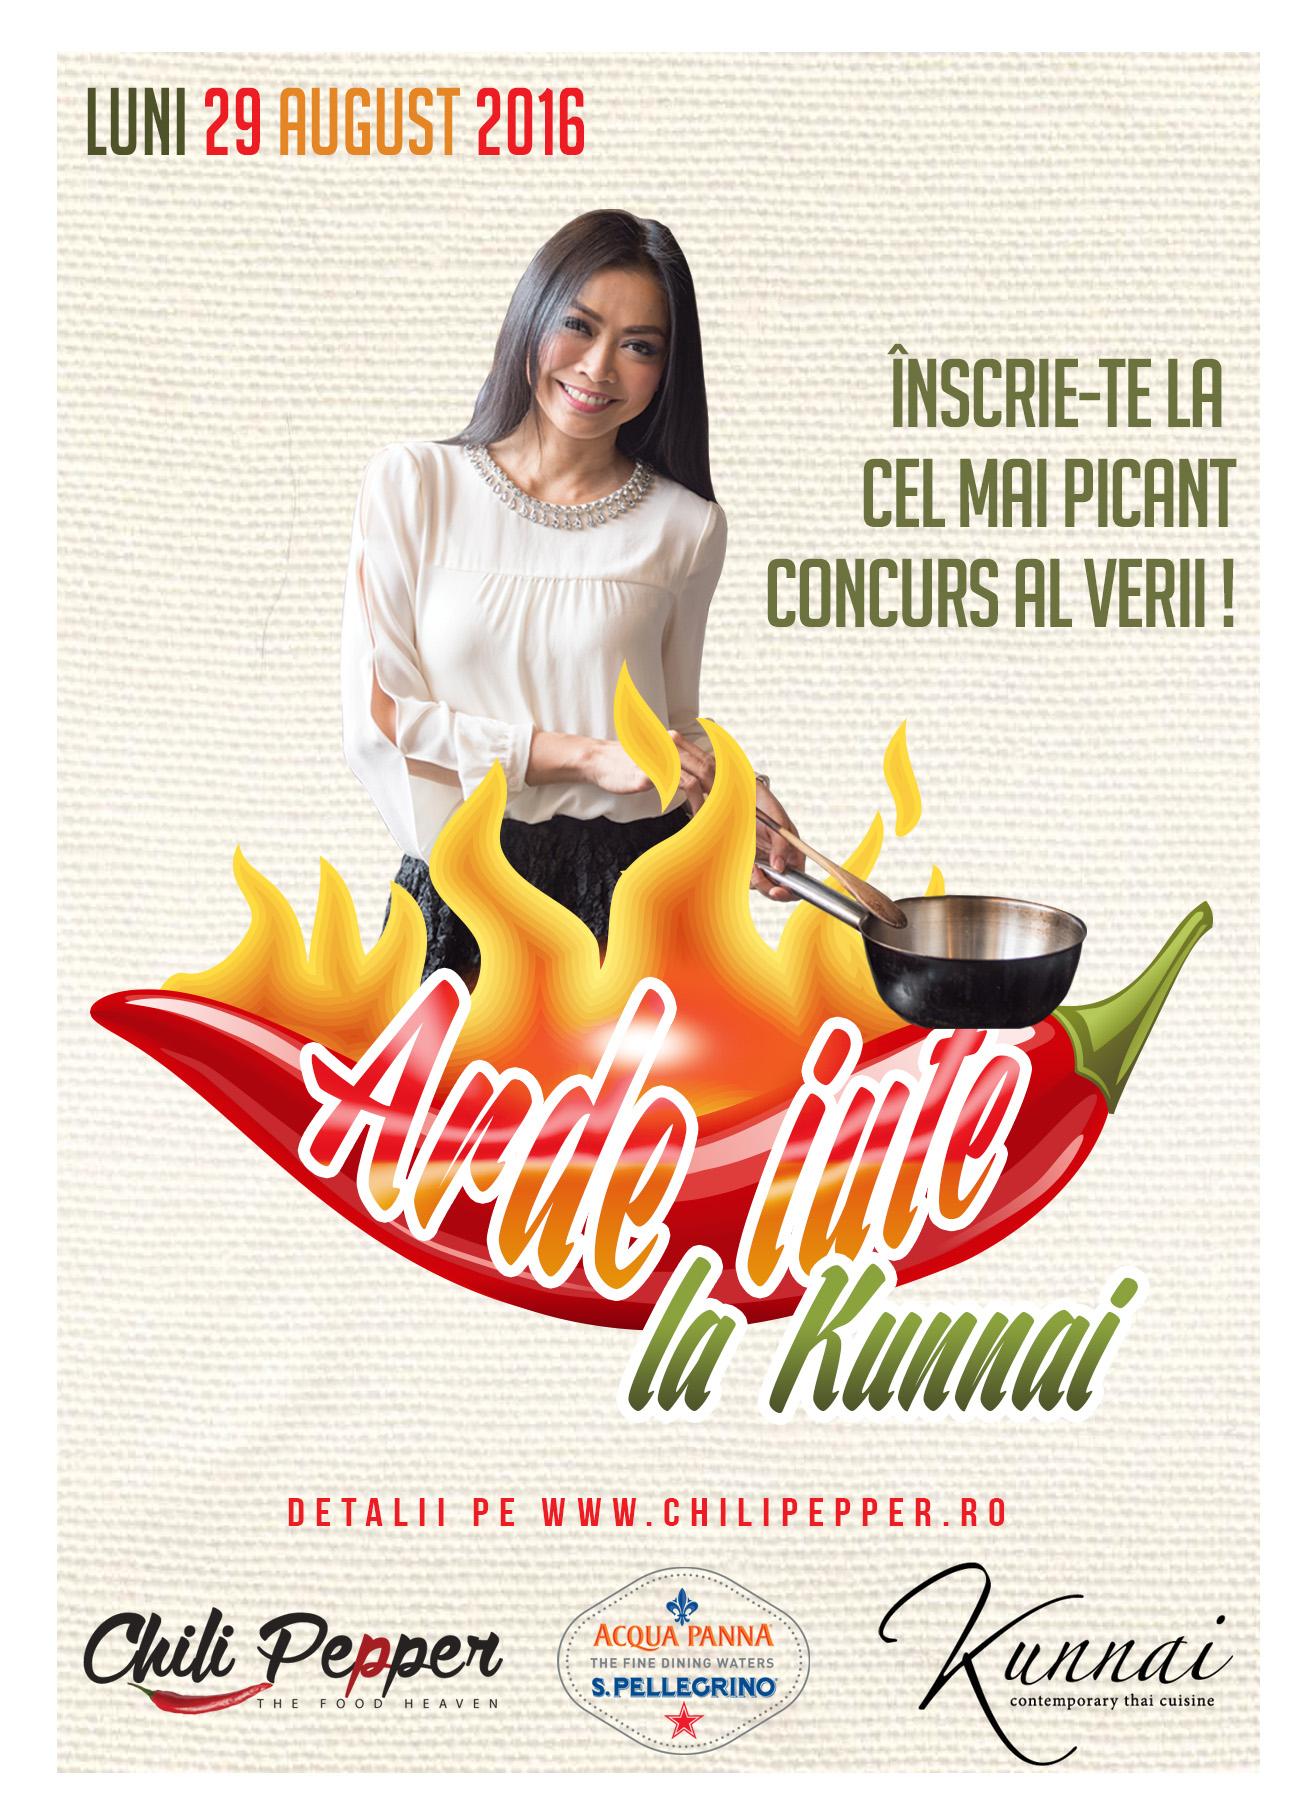 Primul concurs de mâncat picant din România:  Arde Iute la Kunnai